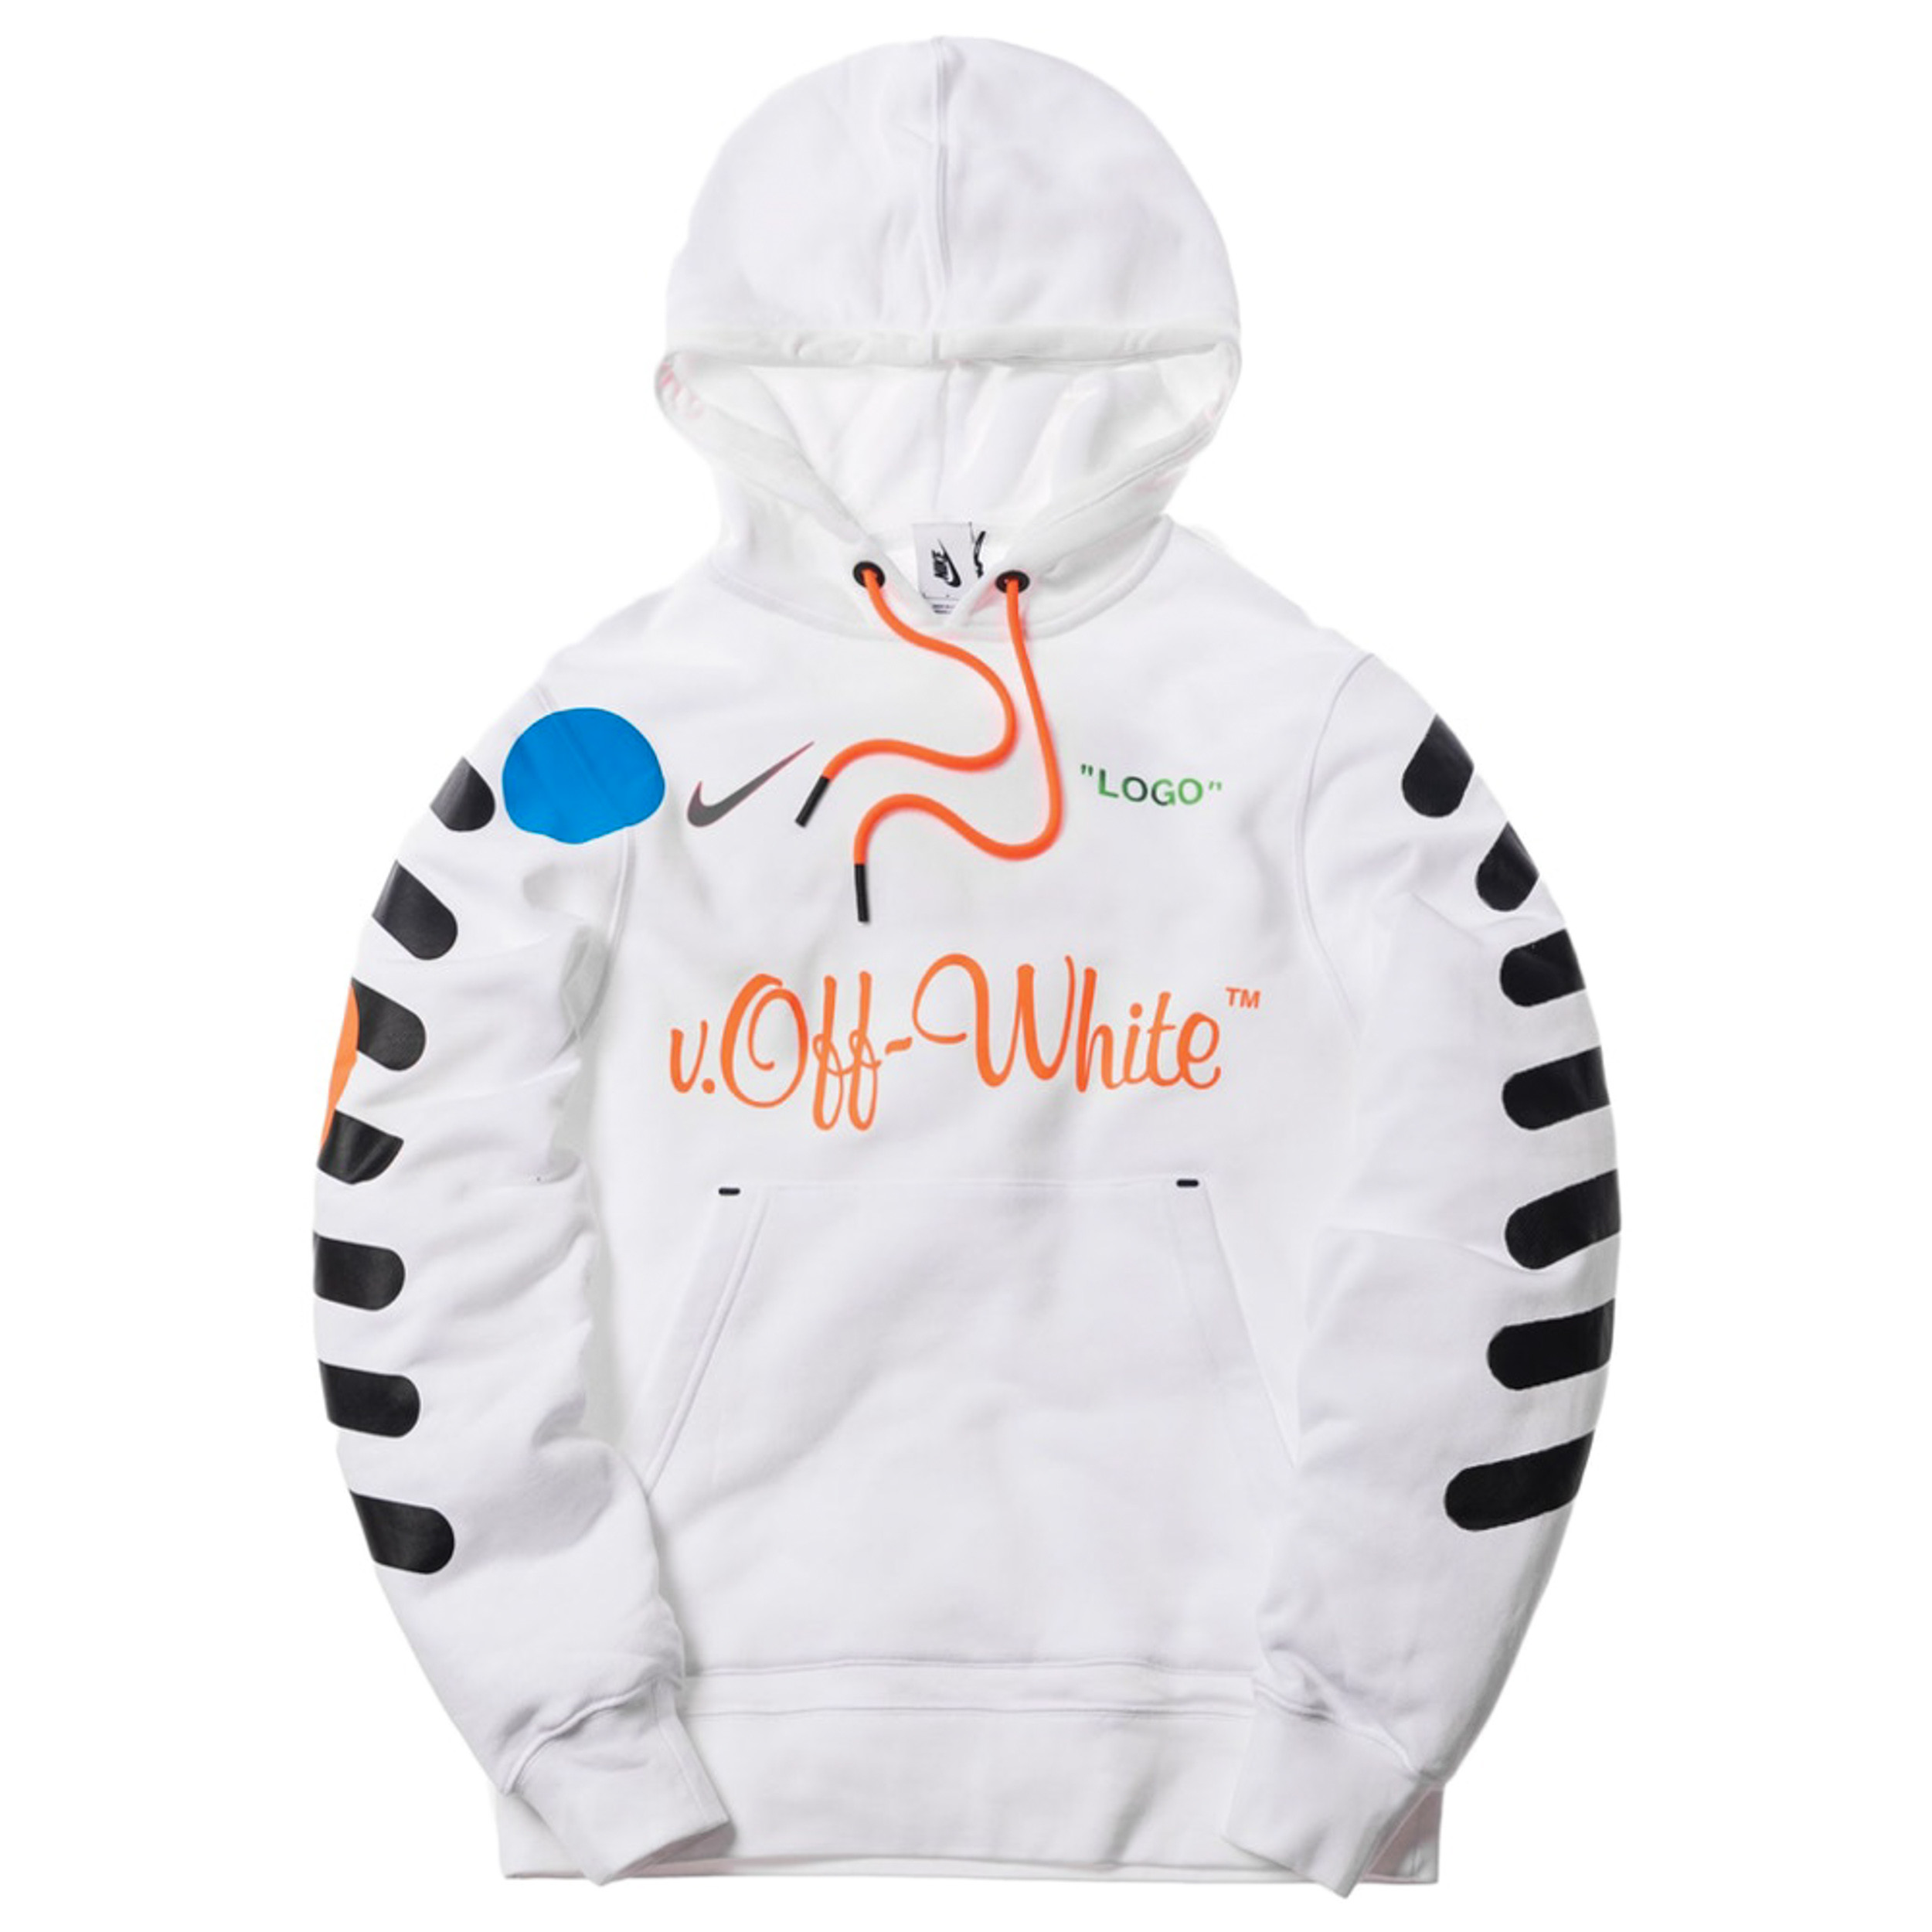 OFF-WHITE x Nikelab Mercurial NRG X Hoodie White